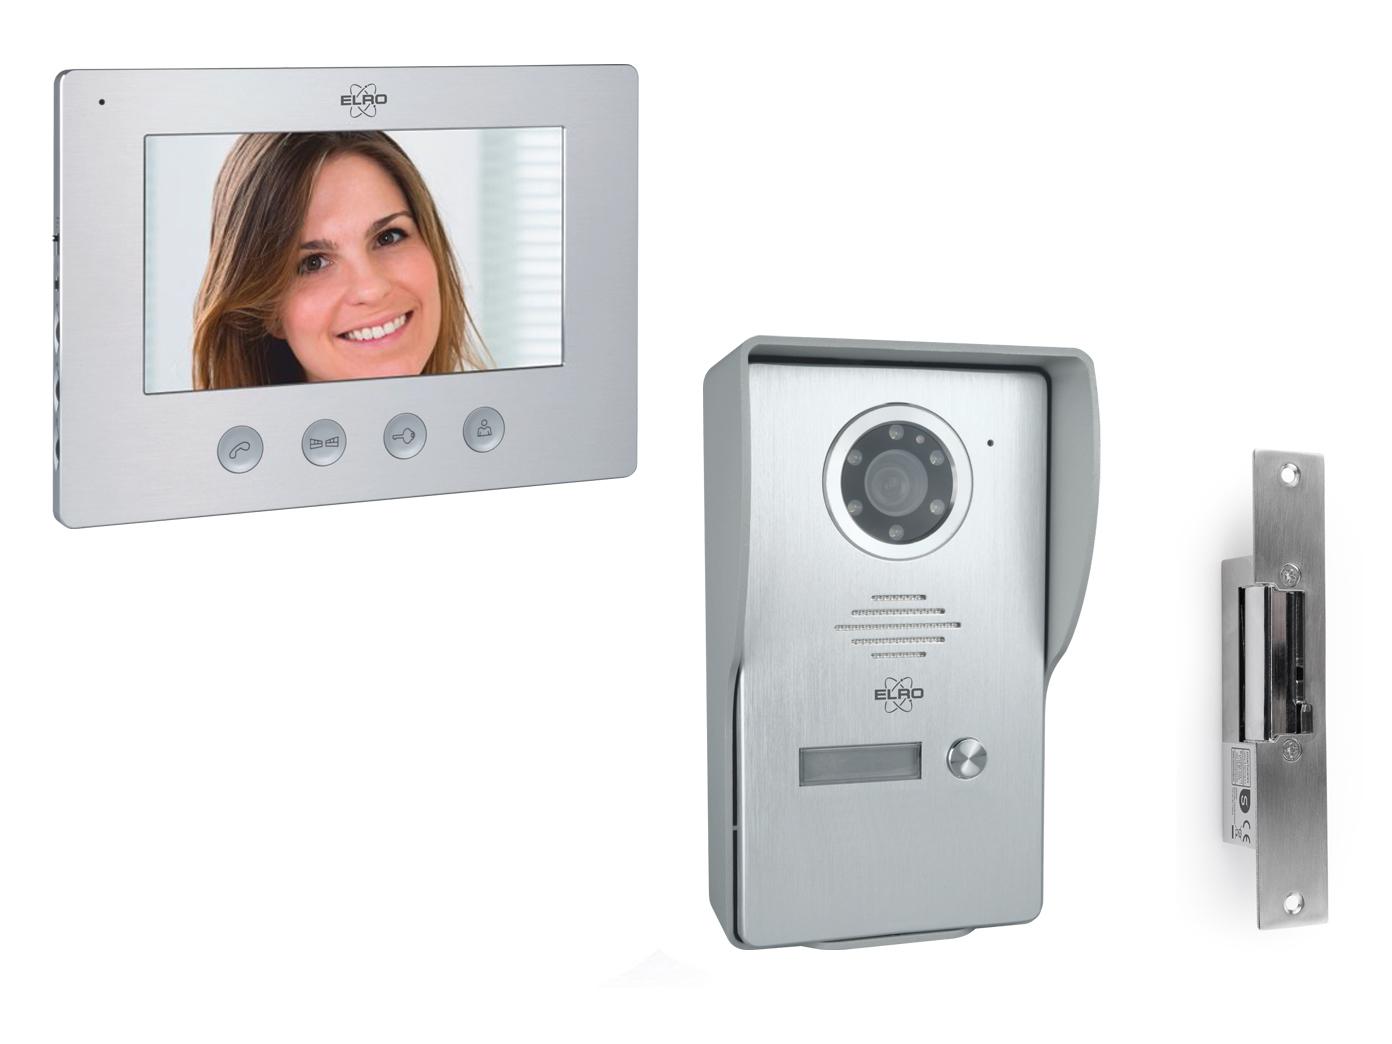 videotürsprechanlage mit monitor kamera türöffner, klingelanlage